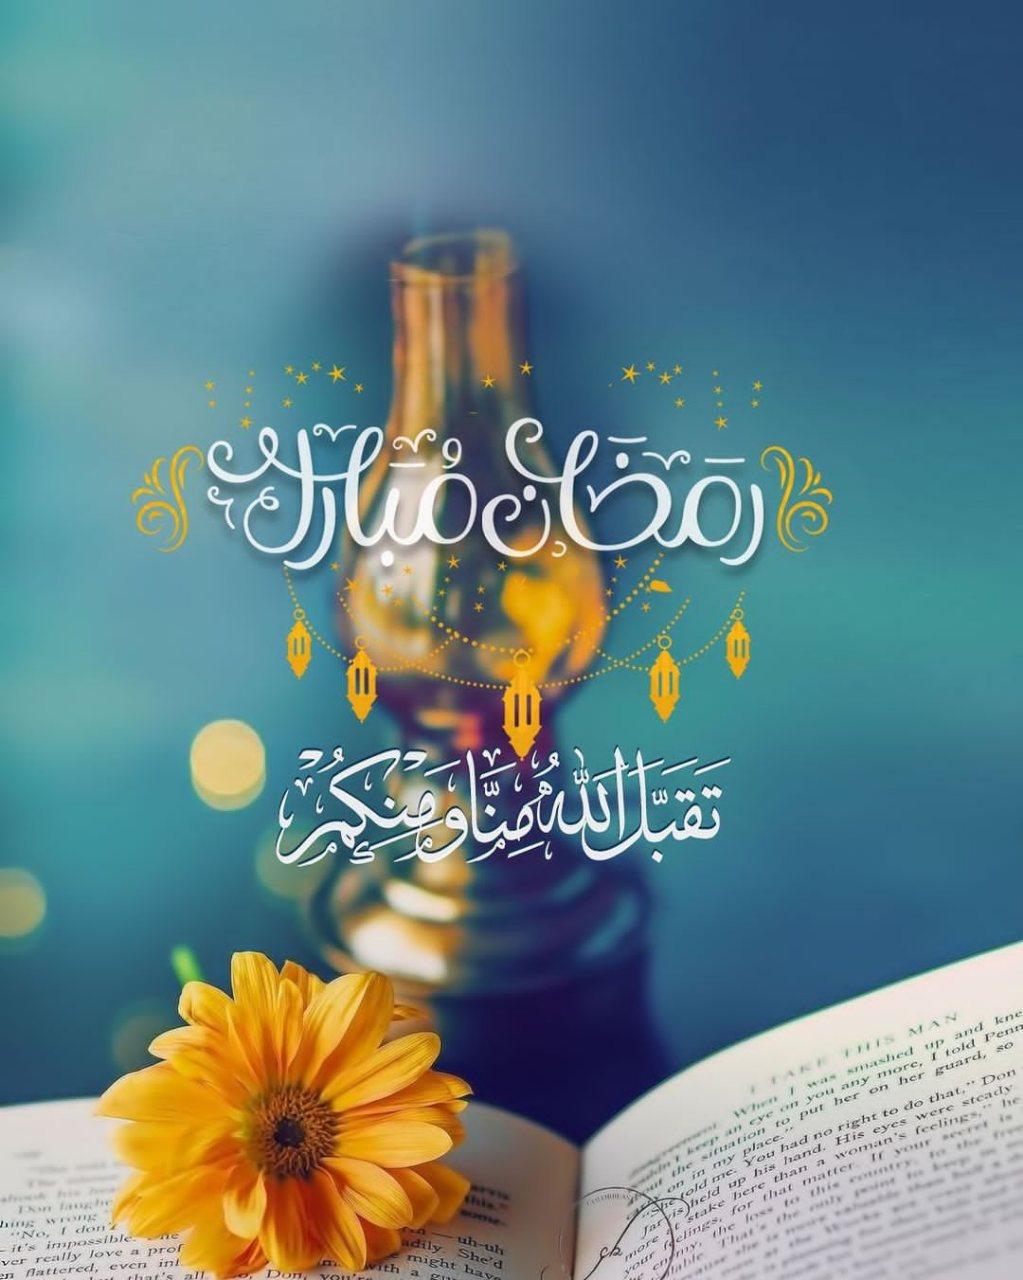 أسأل الله لكم فى شهر رمضان حسنات تتكاثر Img_2446